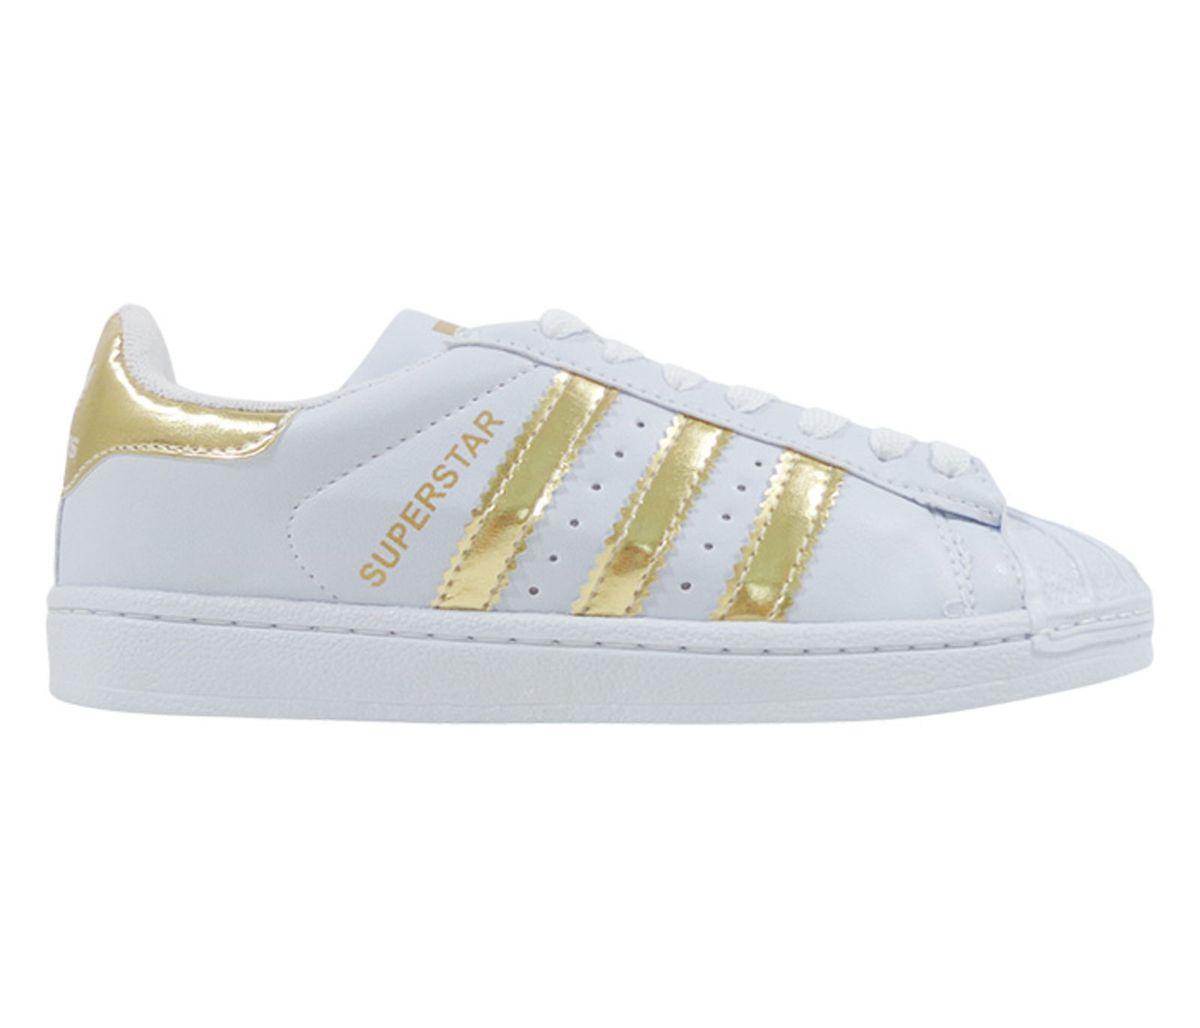 e6aee4ac1e6 tênis adidas superstar branco e ouro - todos tamanhos - sapatos adidas